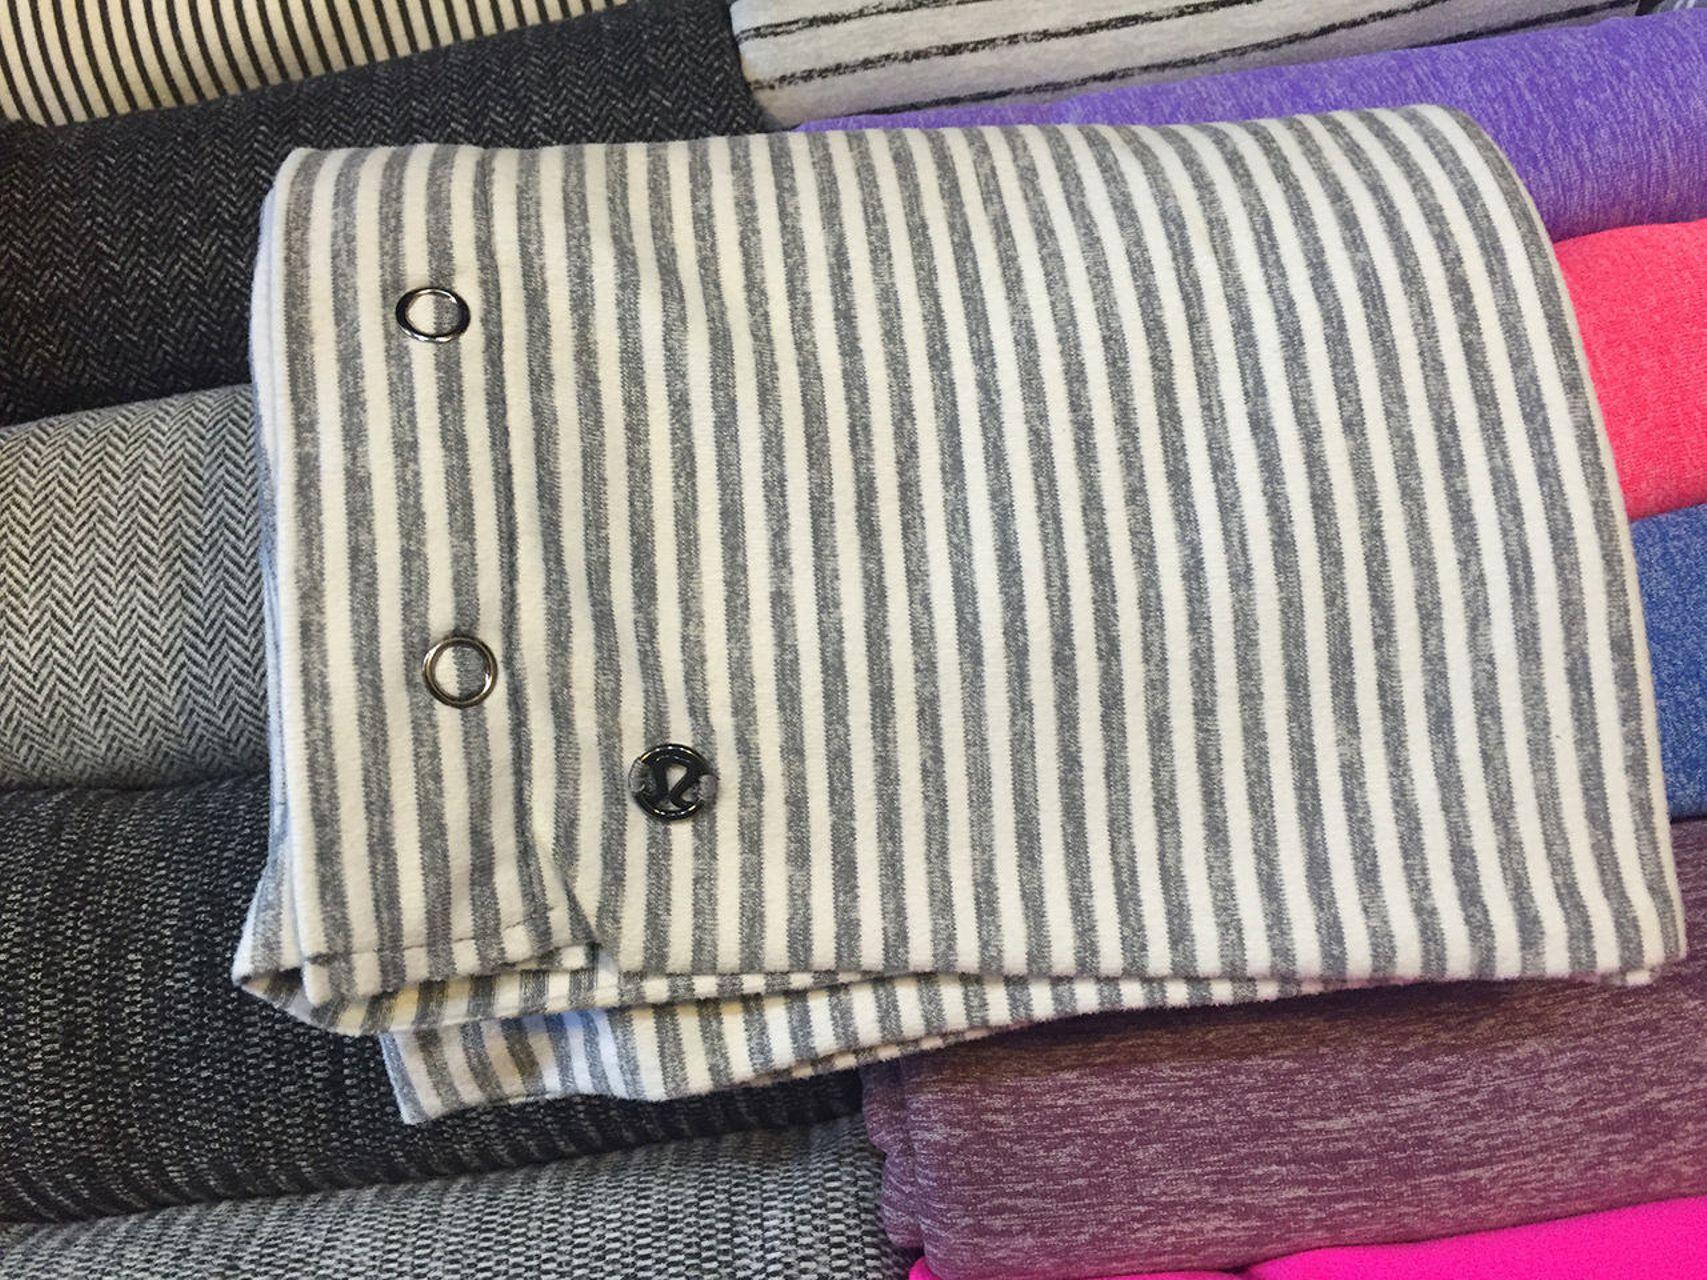 Lululemon Vinyasa Scarf - Blurred Grey